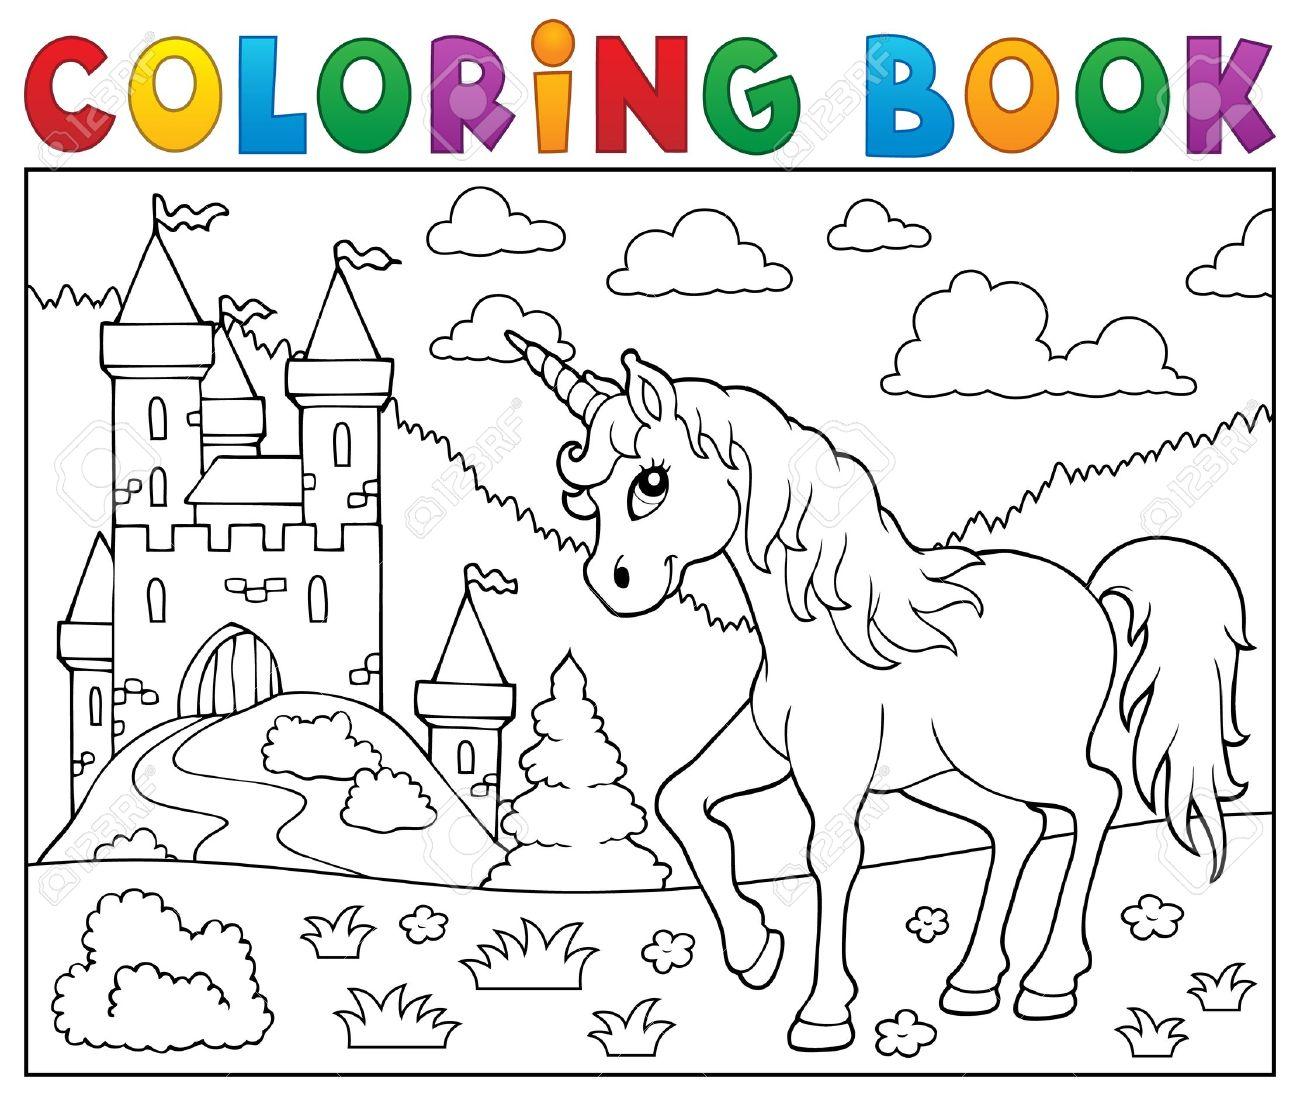 Coloring book unicorn. - 53431156